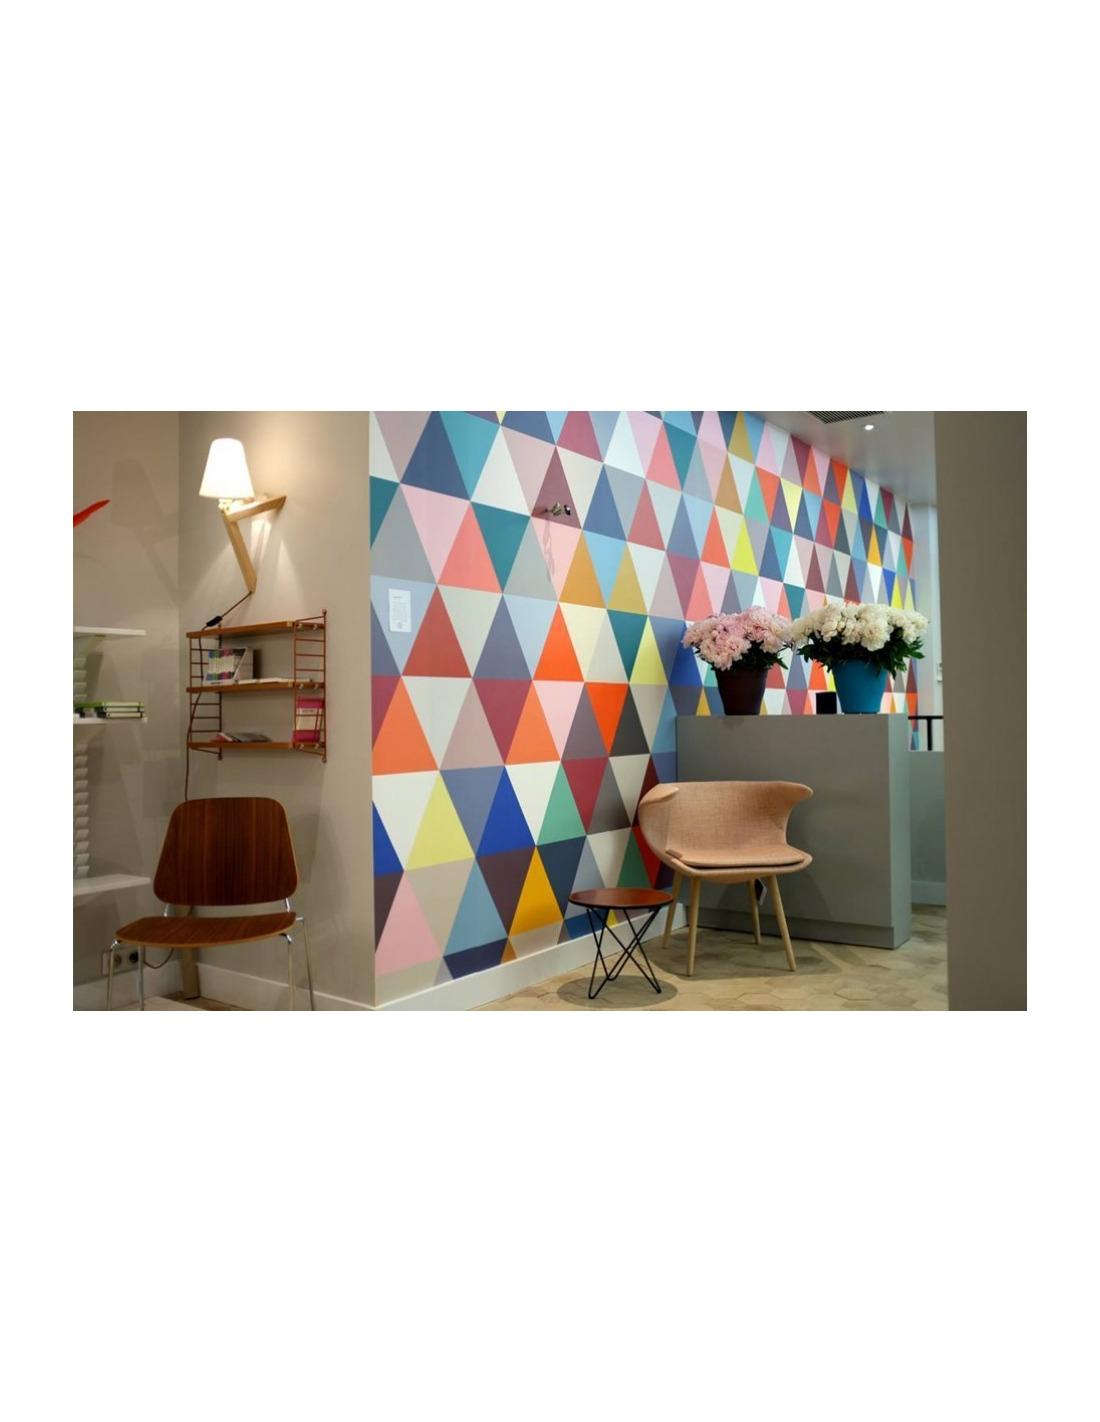 Papier peint design intiss mosaic classic au design for Architecture papier